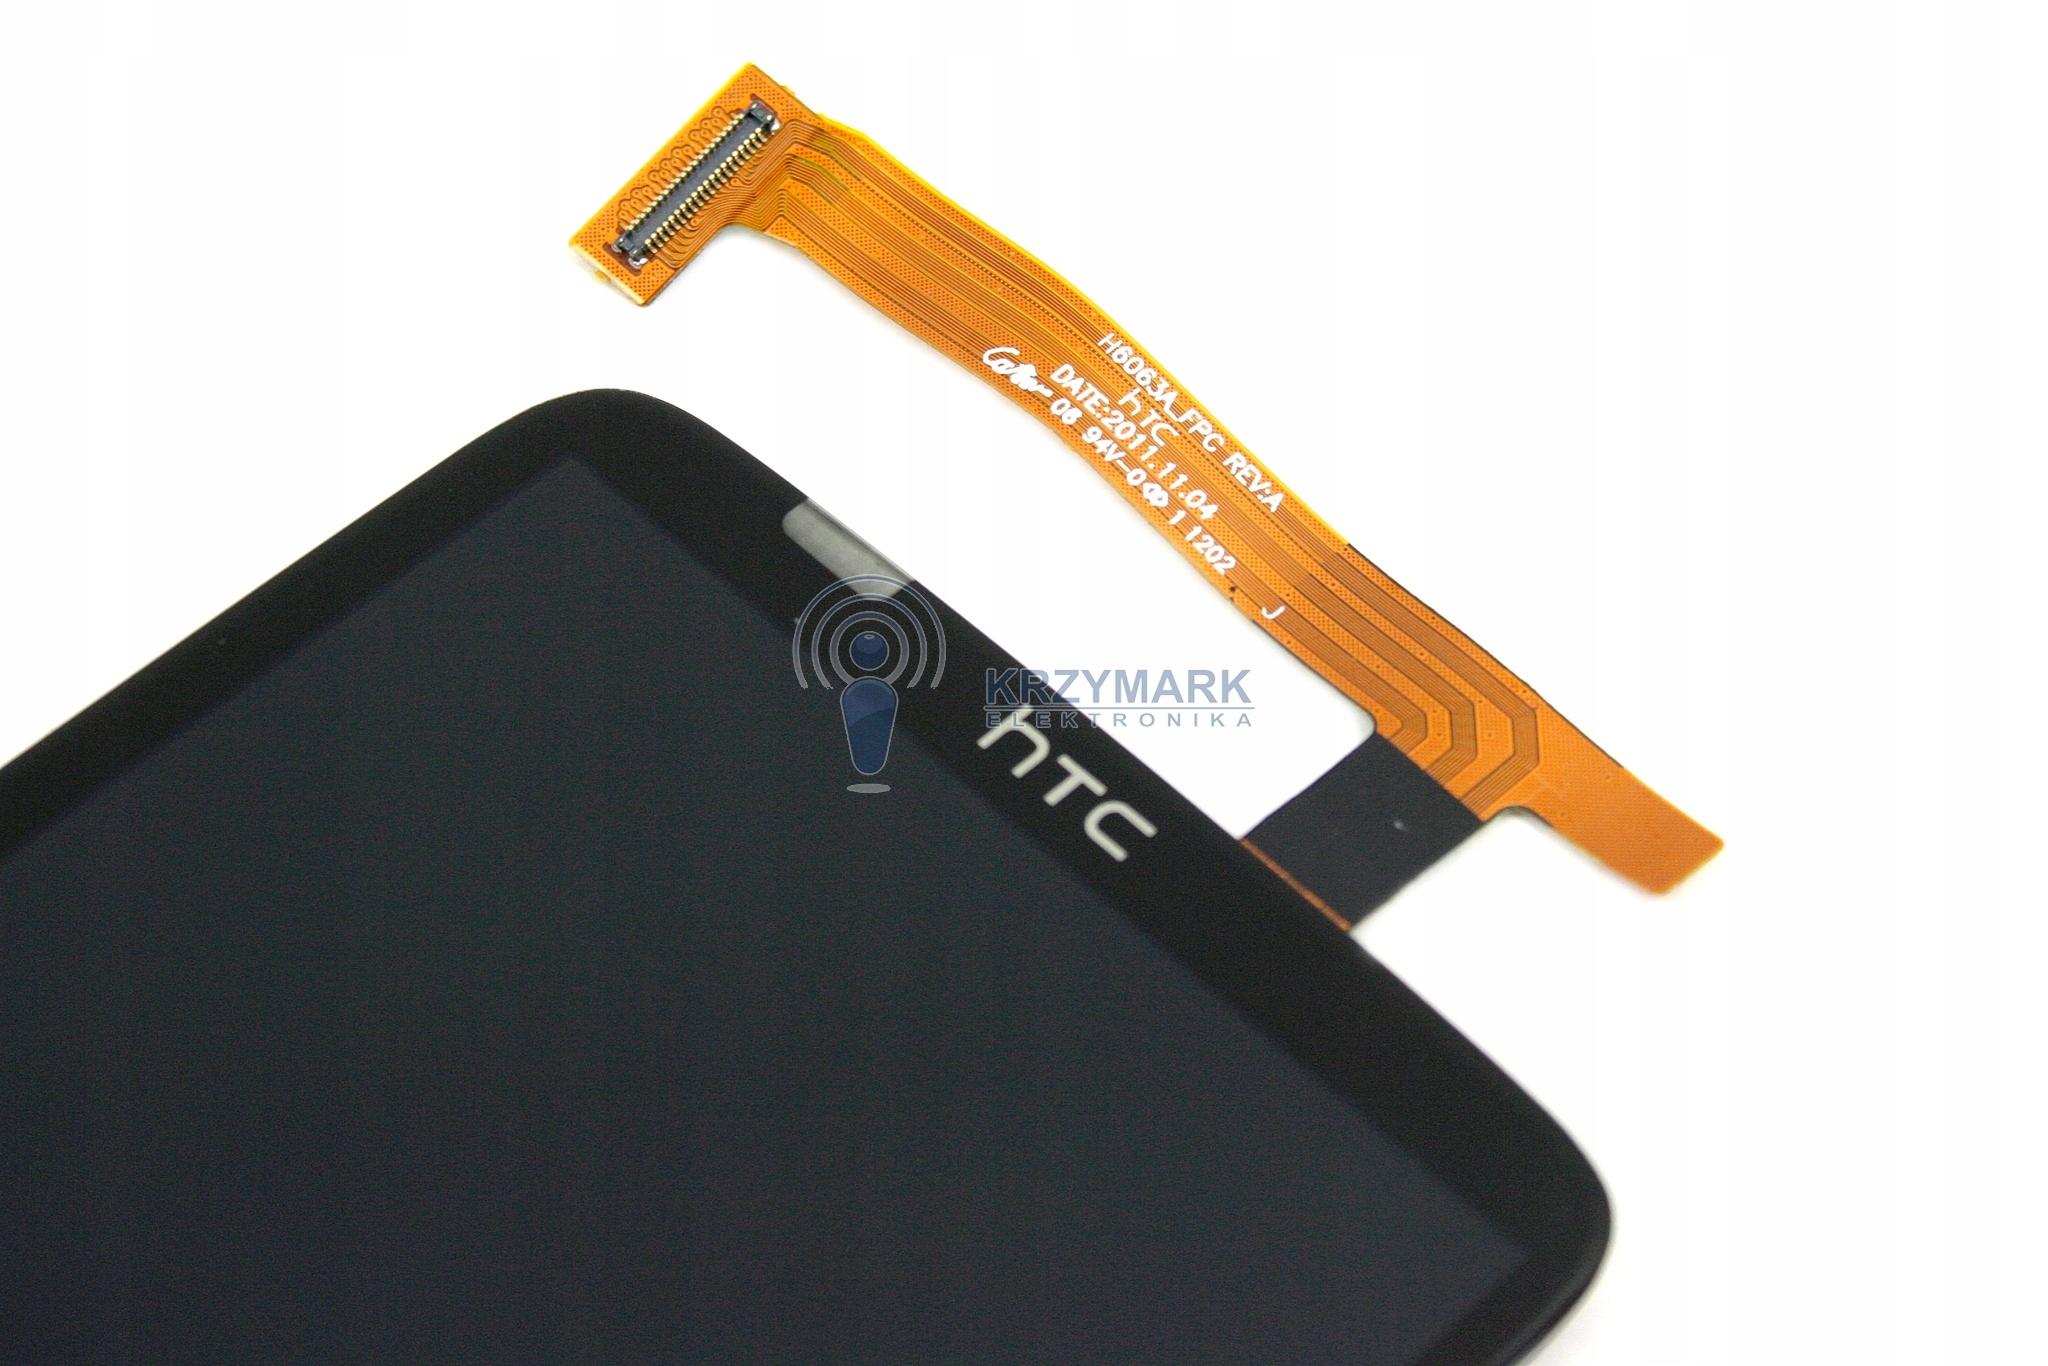 DOTYK EKRAN SZYBKA DIGITIZER DO HTC ONE LCD X